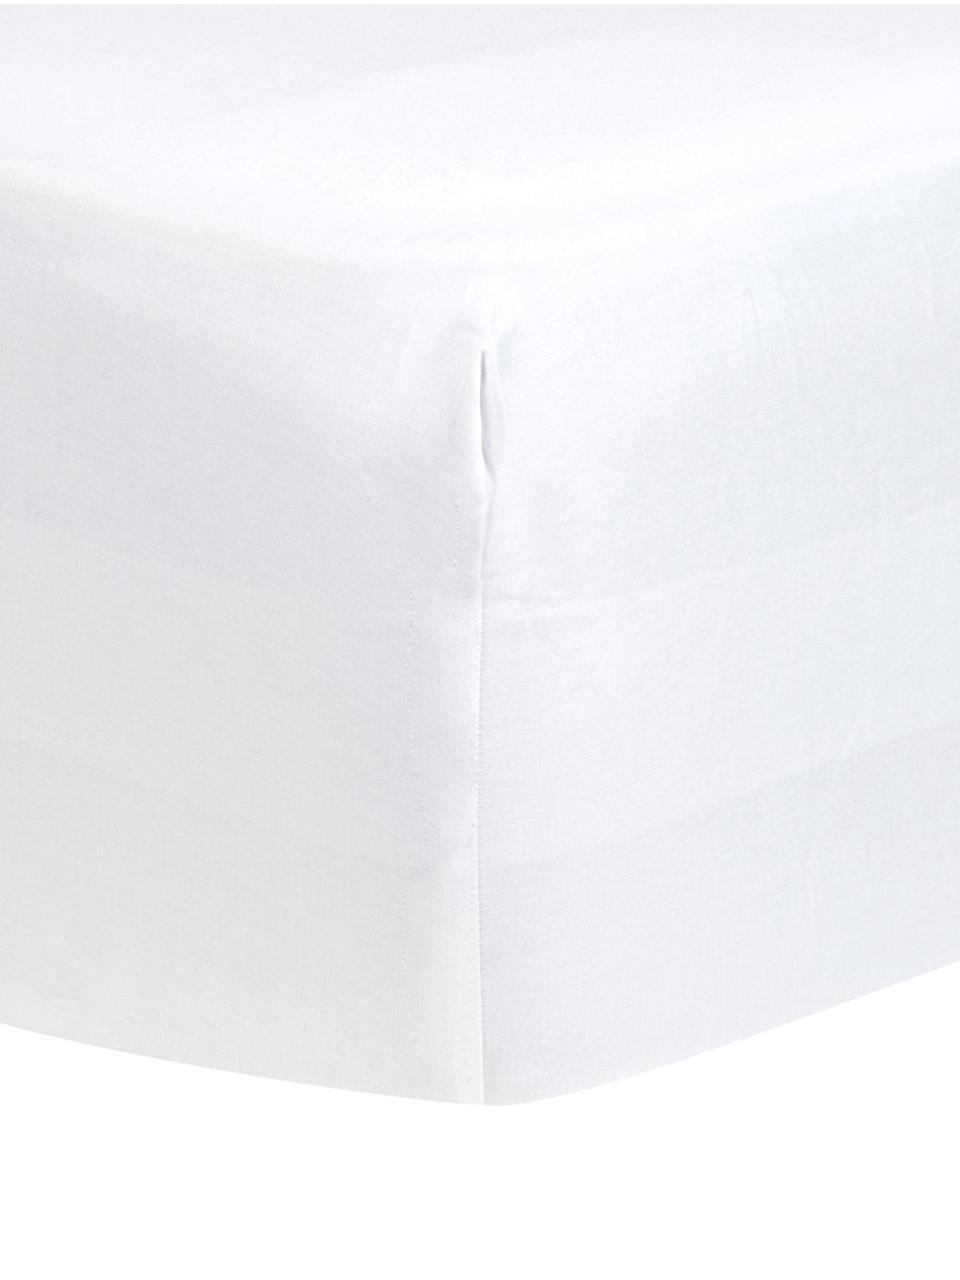 Boxspring-Spannbettlaken Comfort in Weiß, Baumwollsatin, Webart: Satin, leicht glänzend, Weiß, 200 x 200 cm